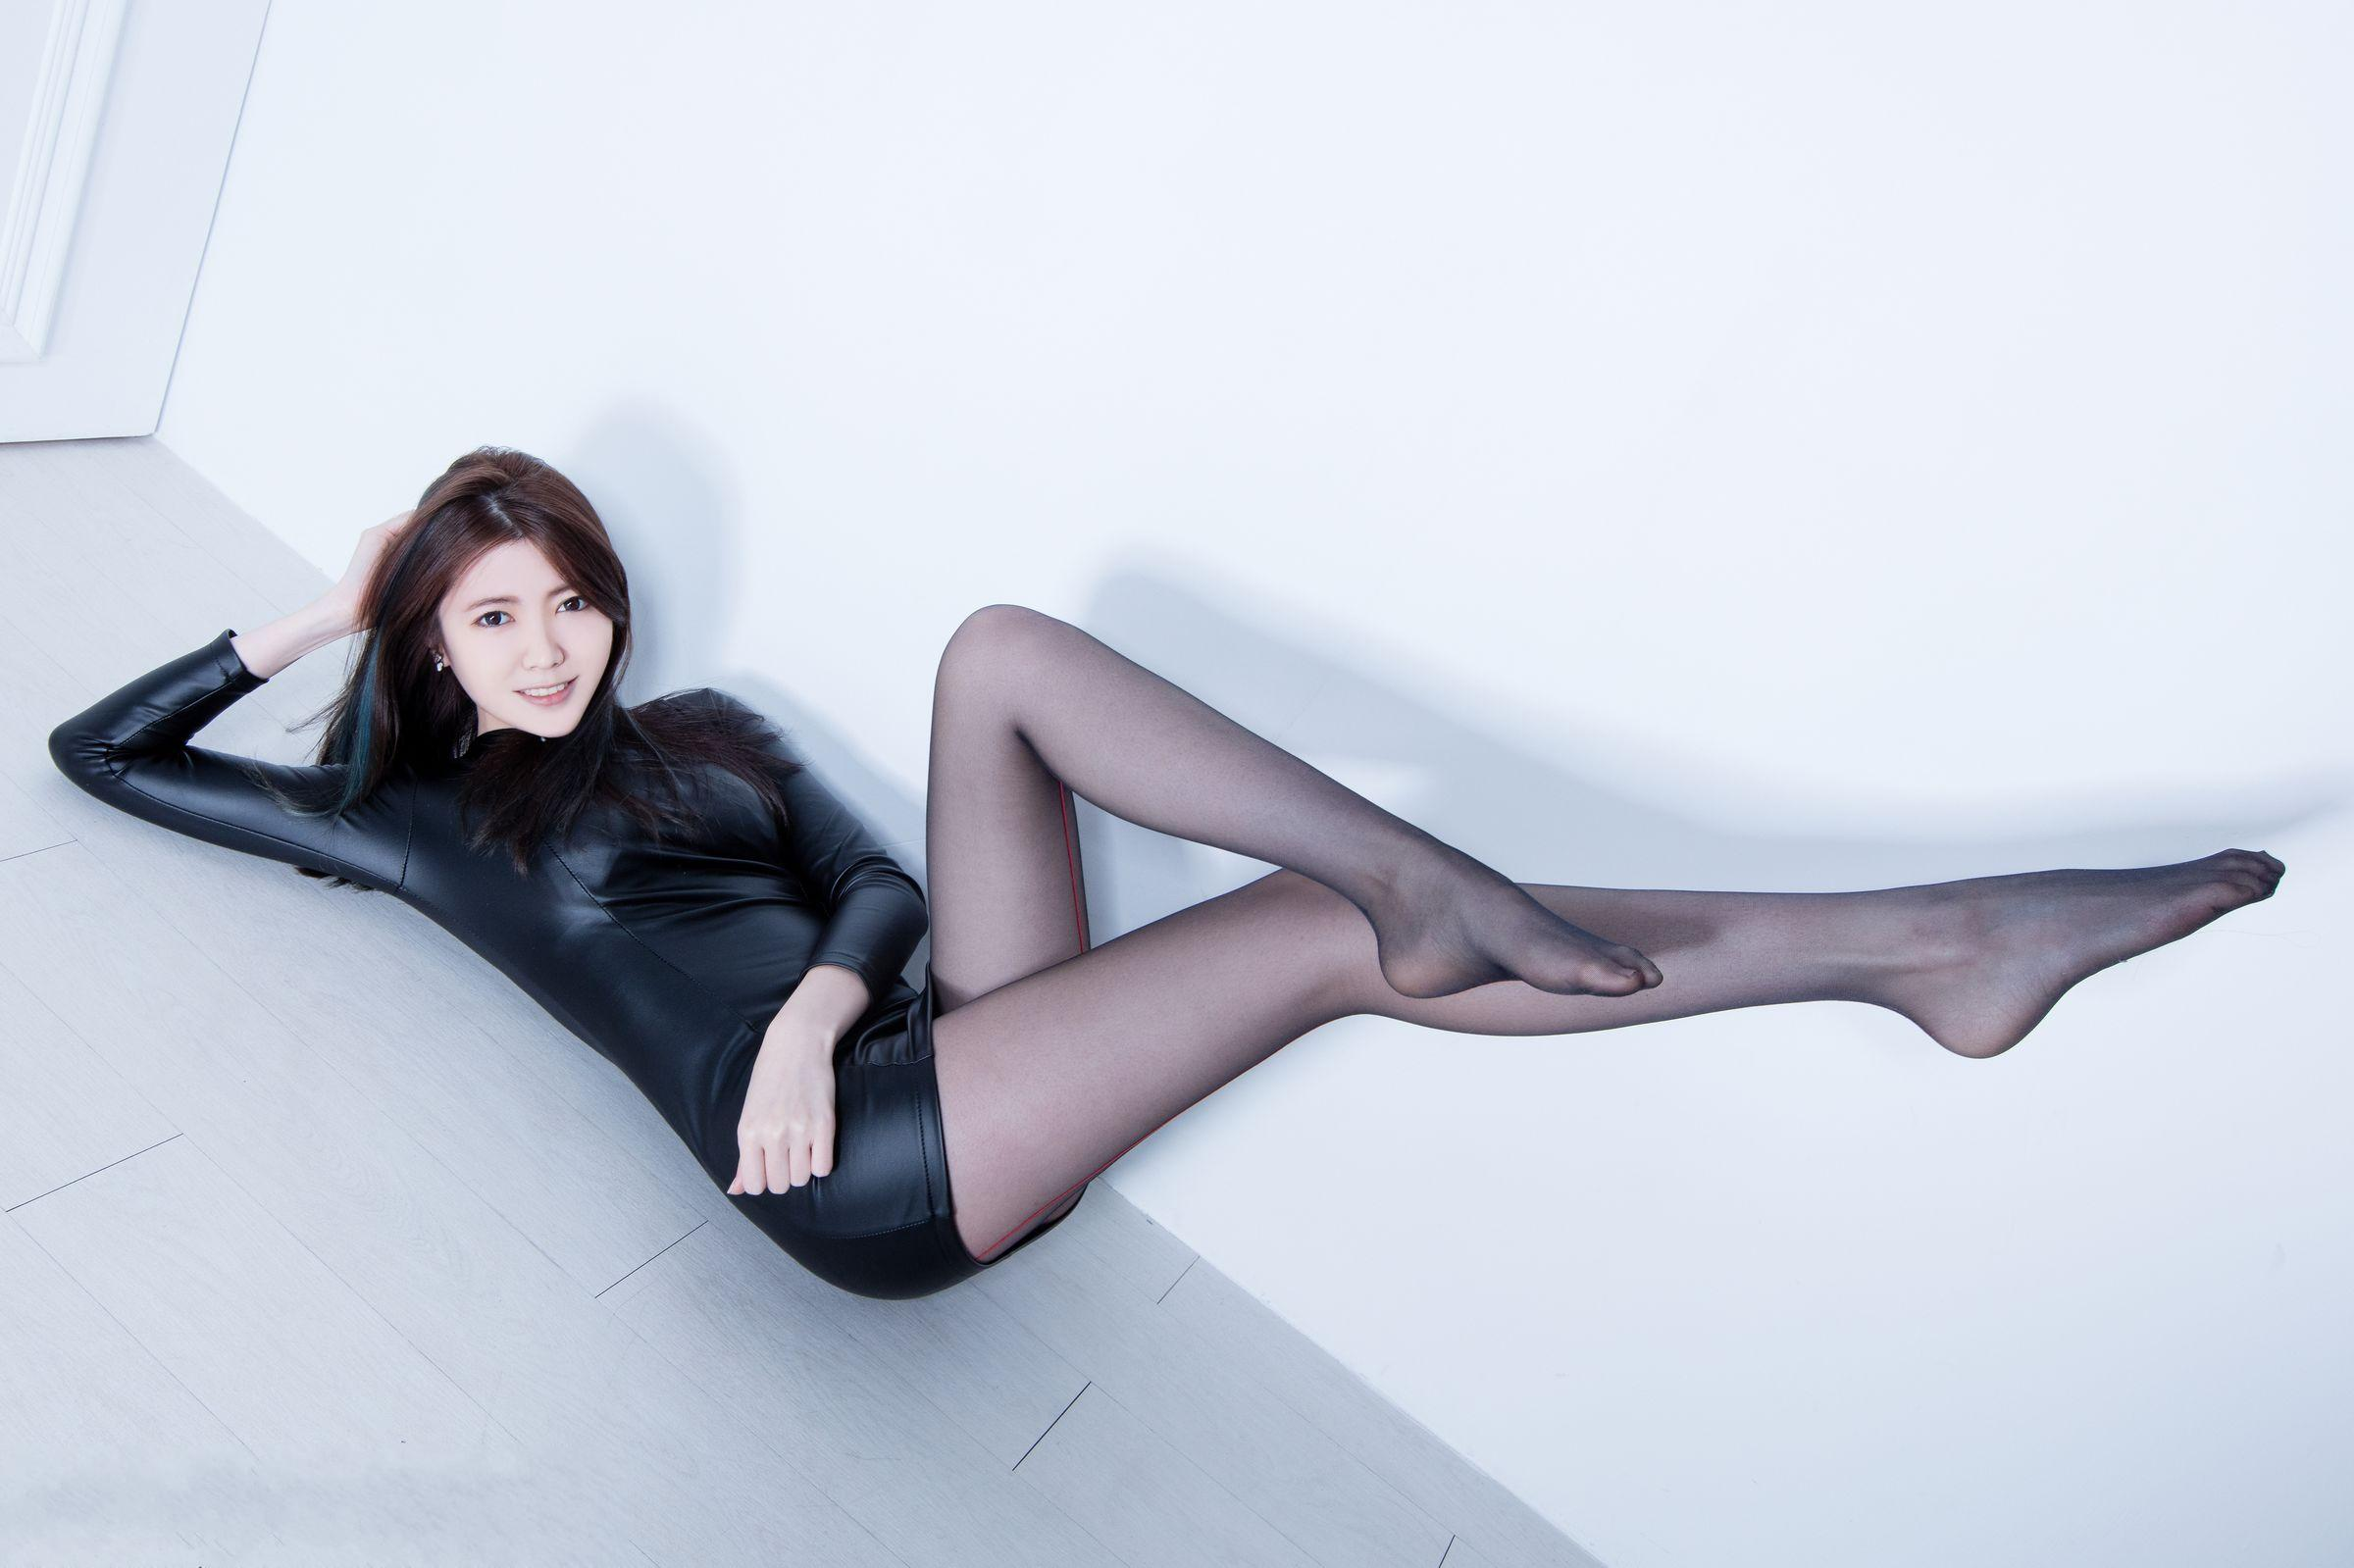 美女美腿秀Brindy1 - 花開有聲 - 花開有聲